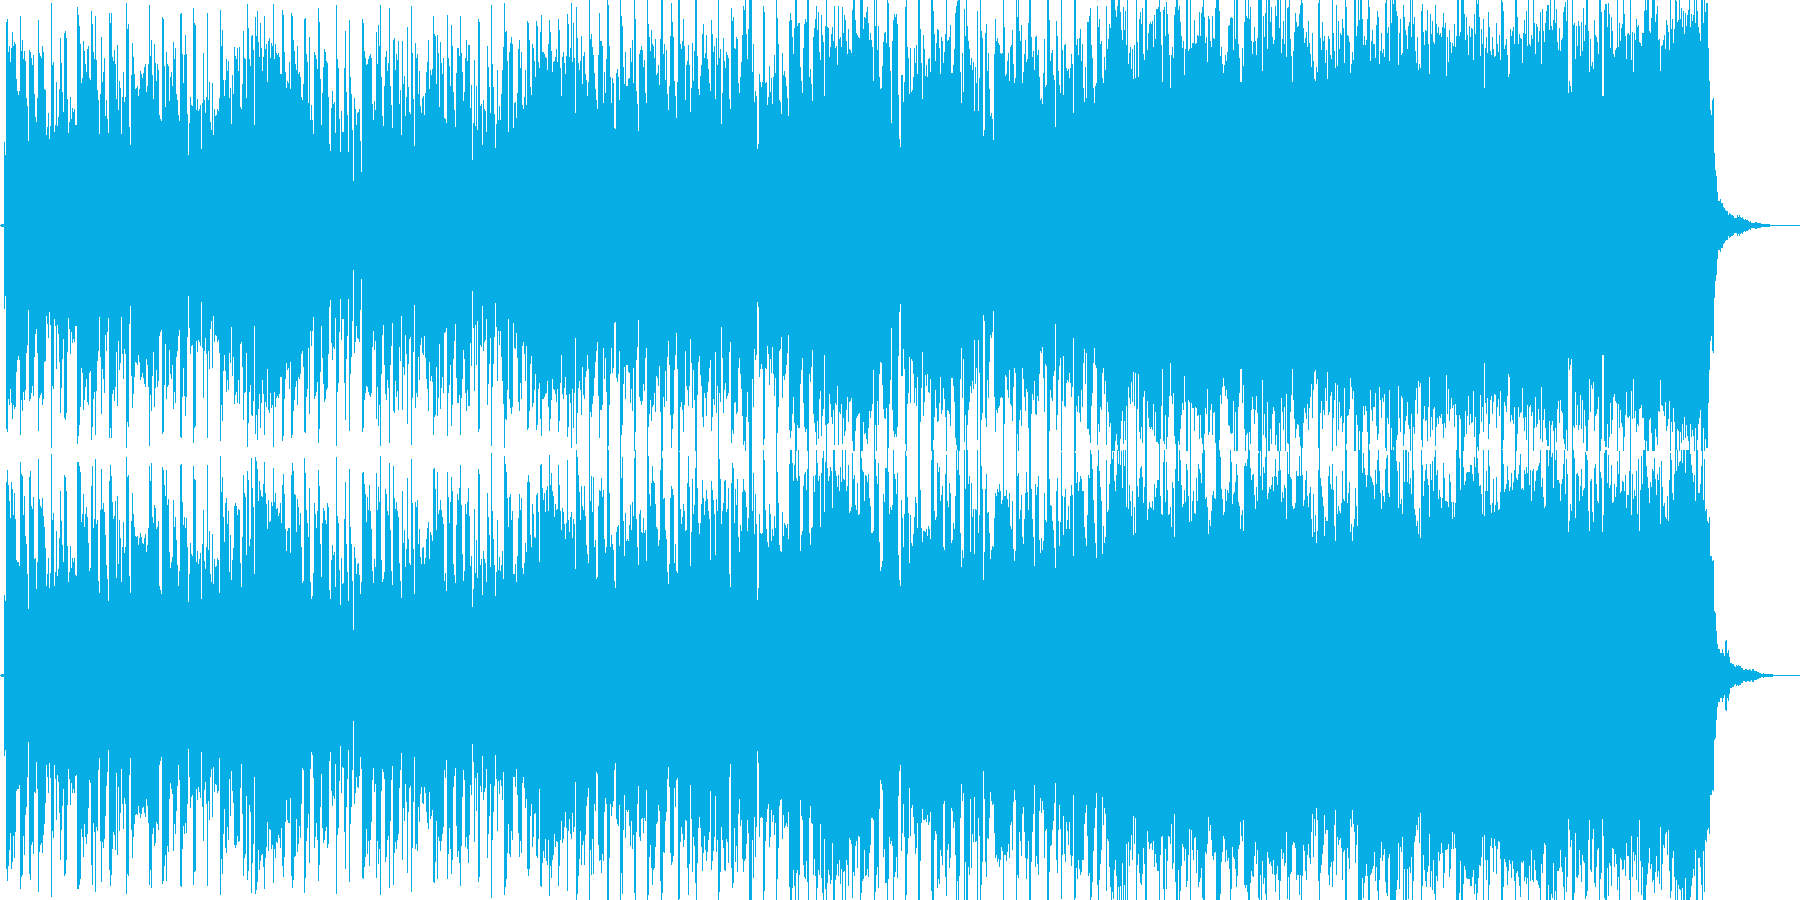 ハードロックと和風メロディの奮い立つ曲の再生済みの波形